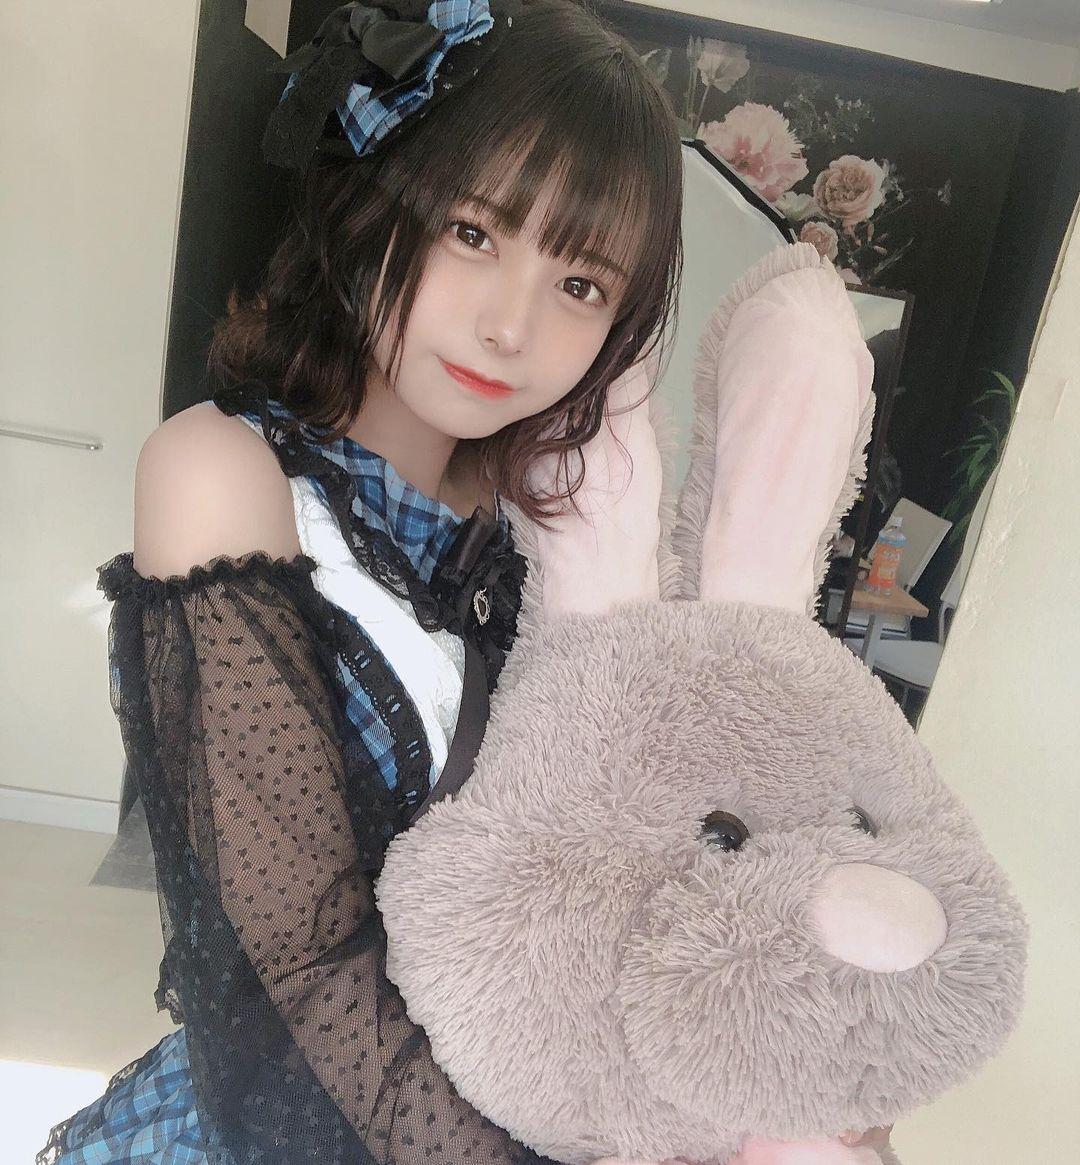 宫崎彩(宫崎あみさ),短发萝莉偶像写真欣赏